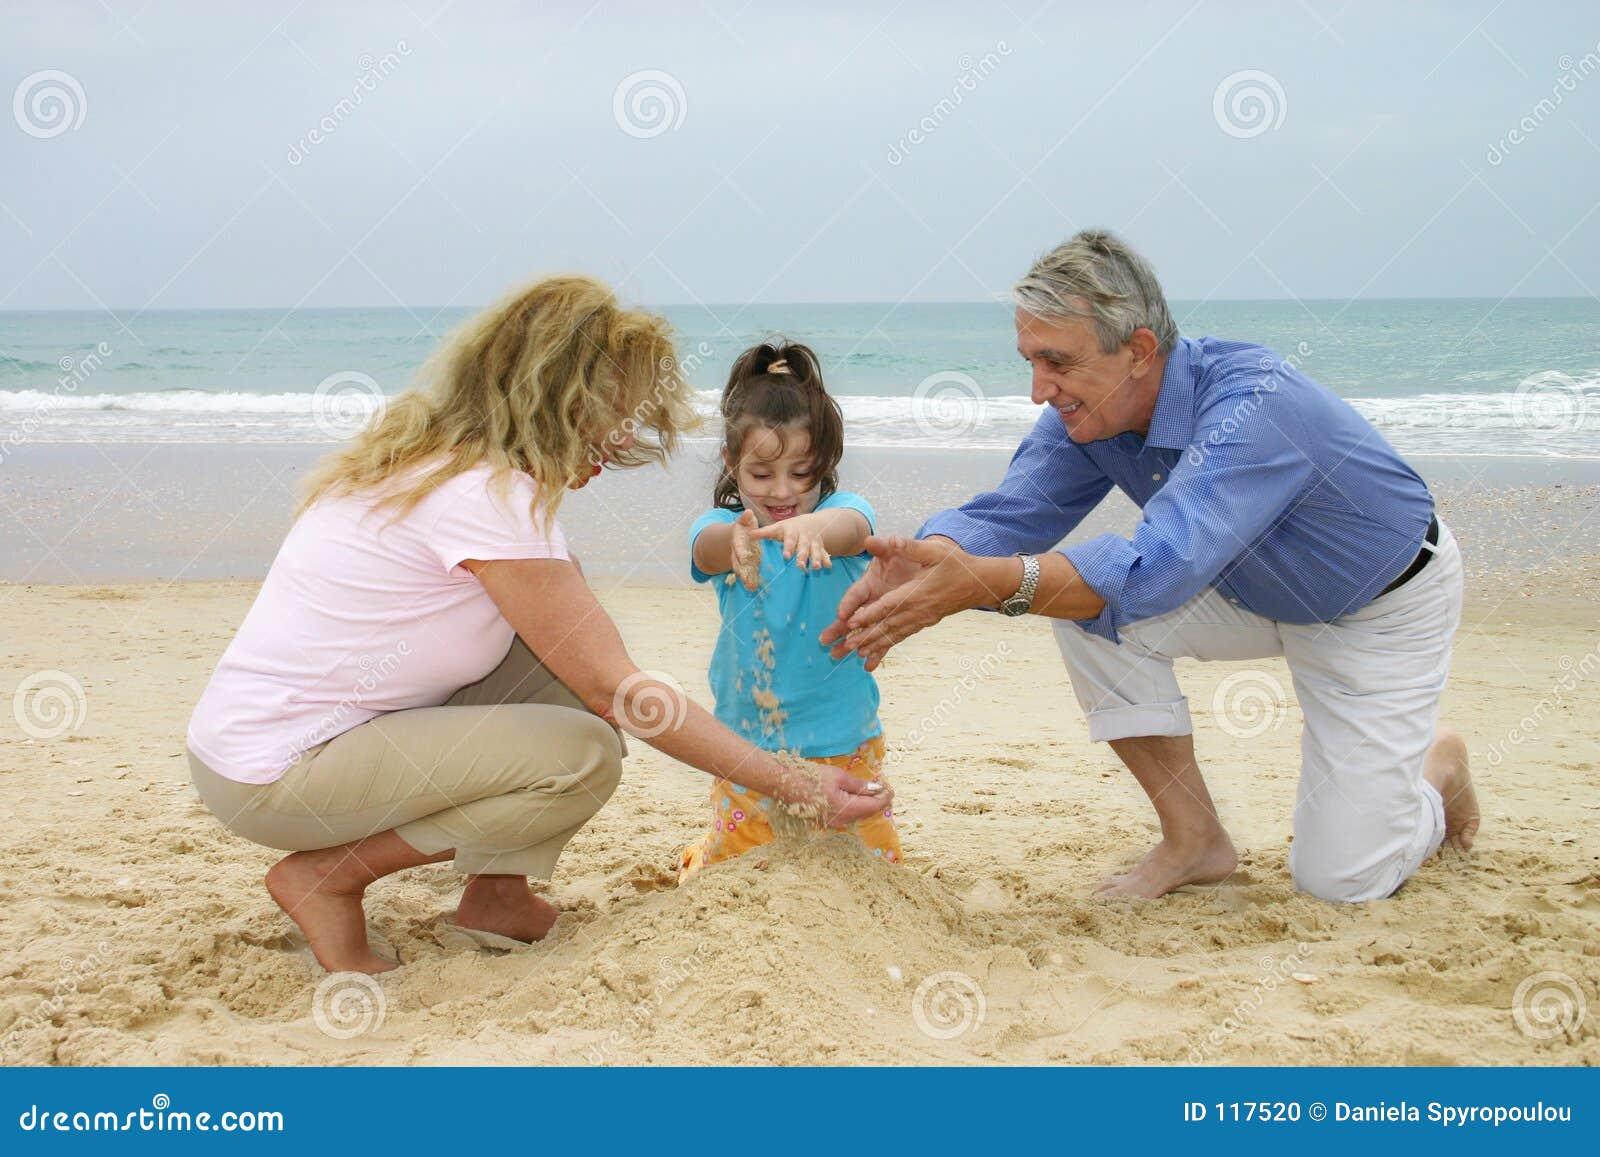 Divertimento della spiaggia